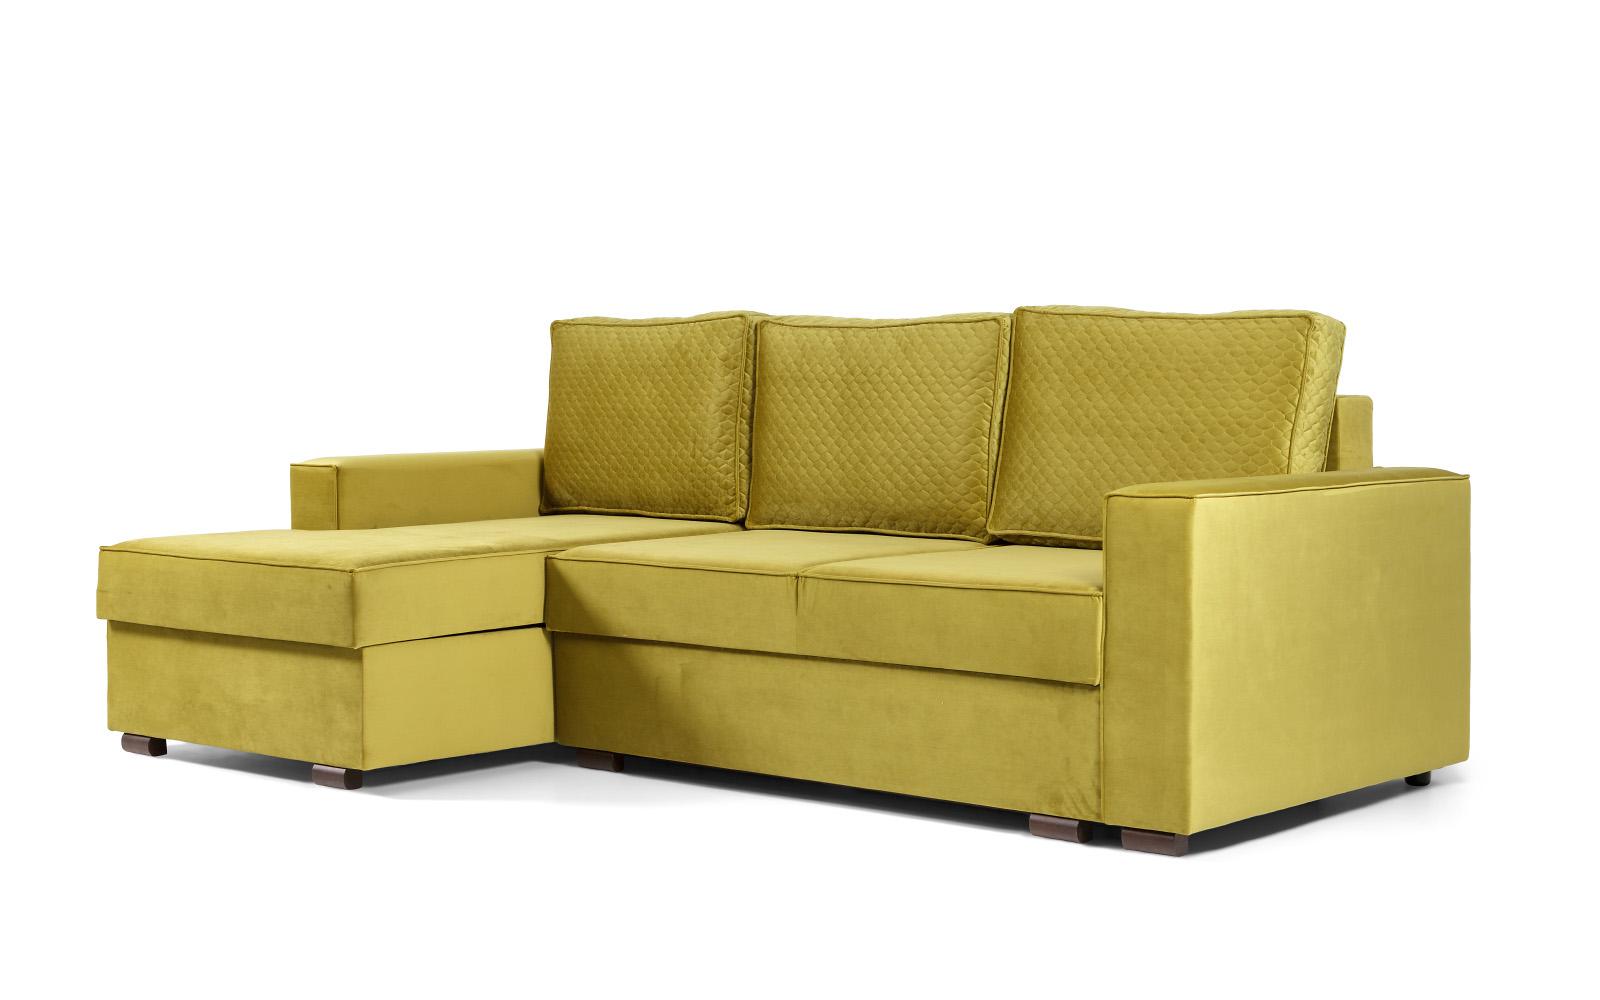 Угловой диван № 418. Мебельный магазин Мебель Ленд. Санкт-Петербург